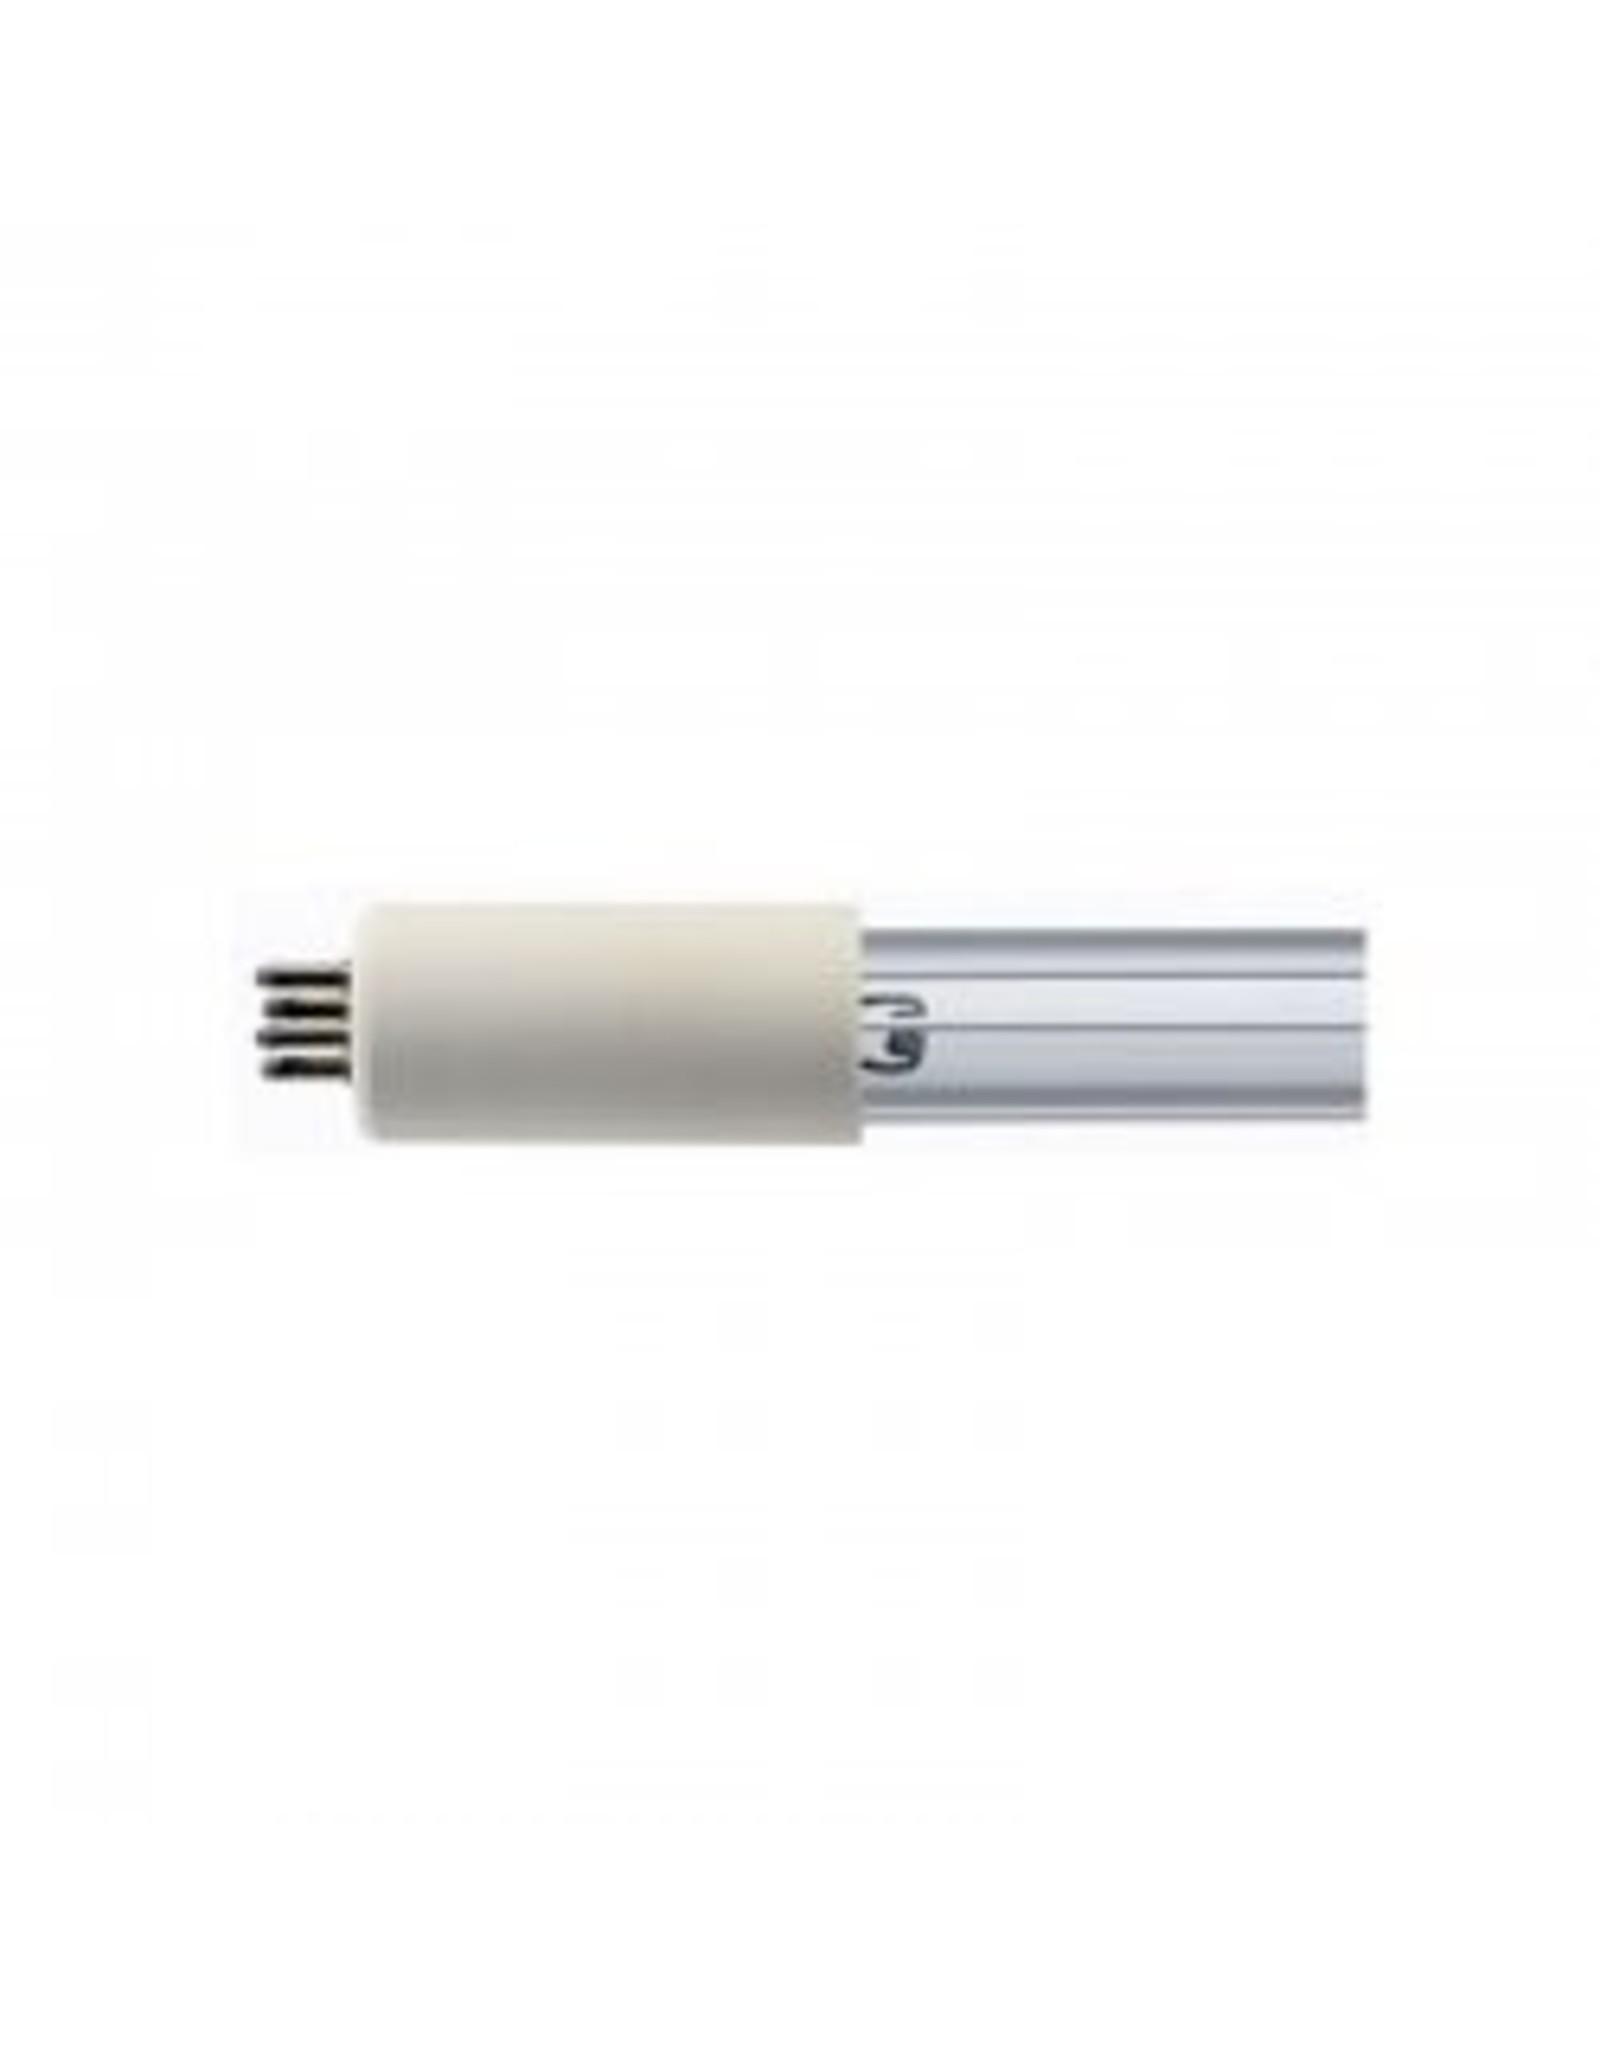 Selectkoi Amalgam - Replacement Lamp / Lamp Replacement